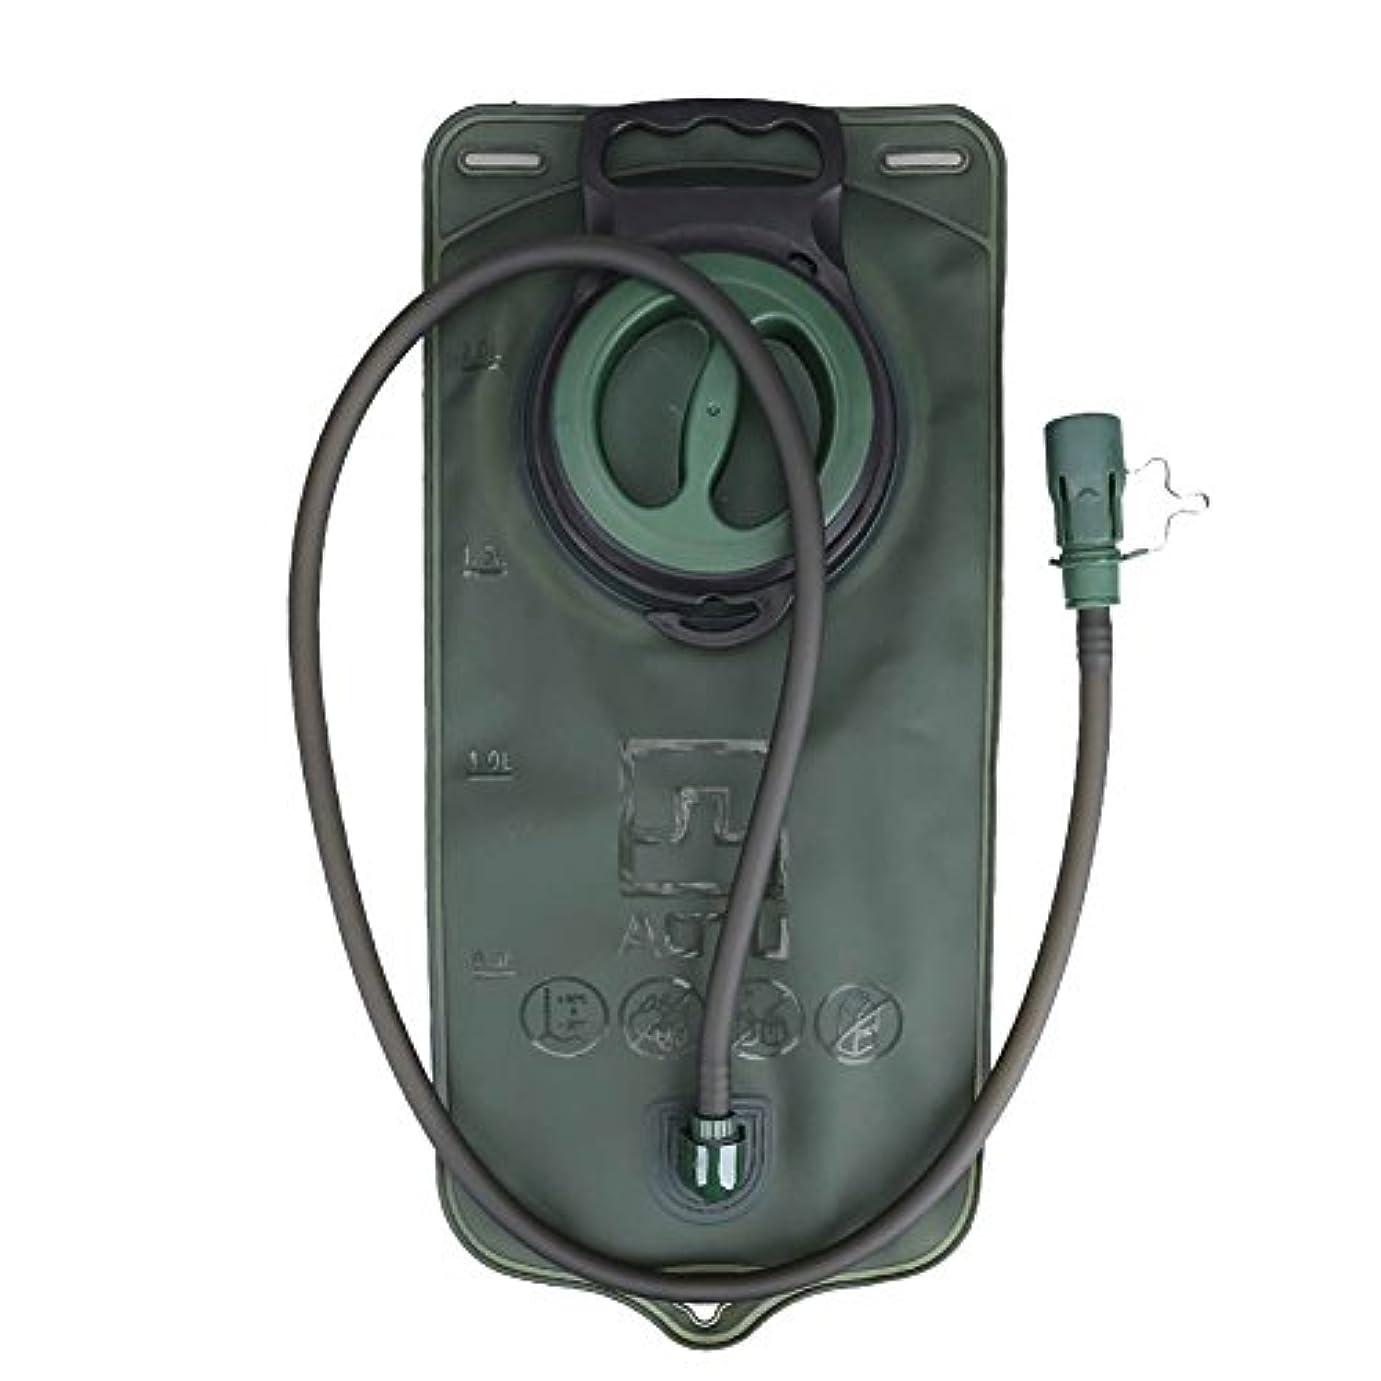 深い応用デッキk-outdoor ハイドレーション 水袋 水分補給 ハイキング 登山 サイクリング 2L TPU 携帯式 抗菌